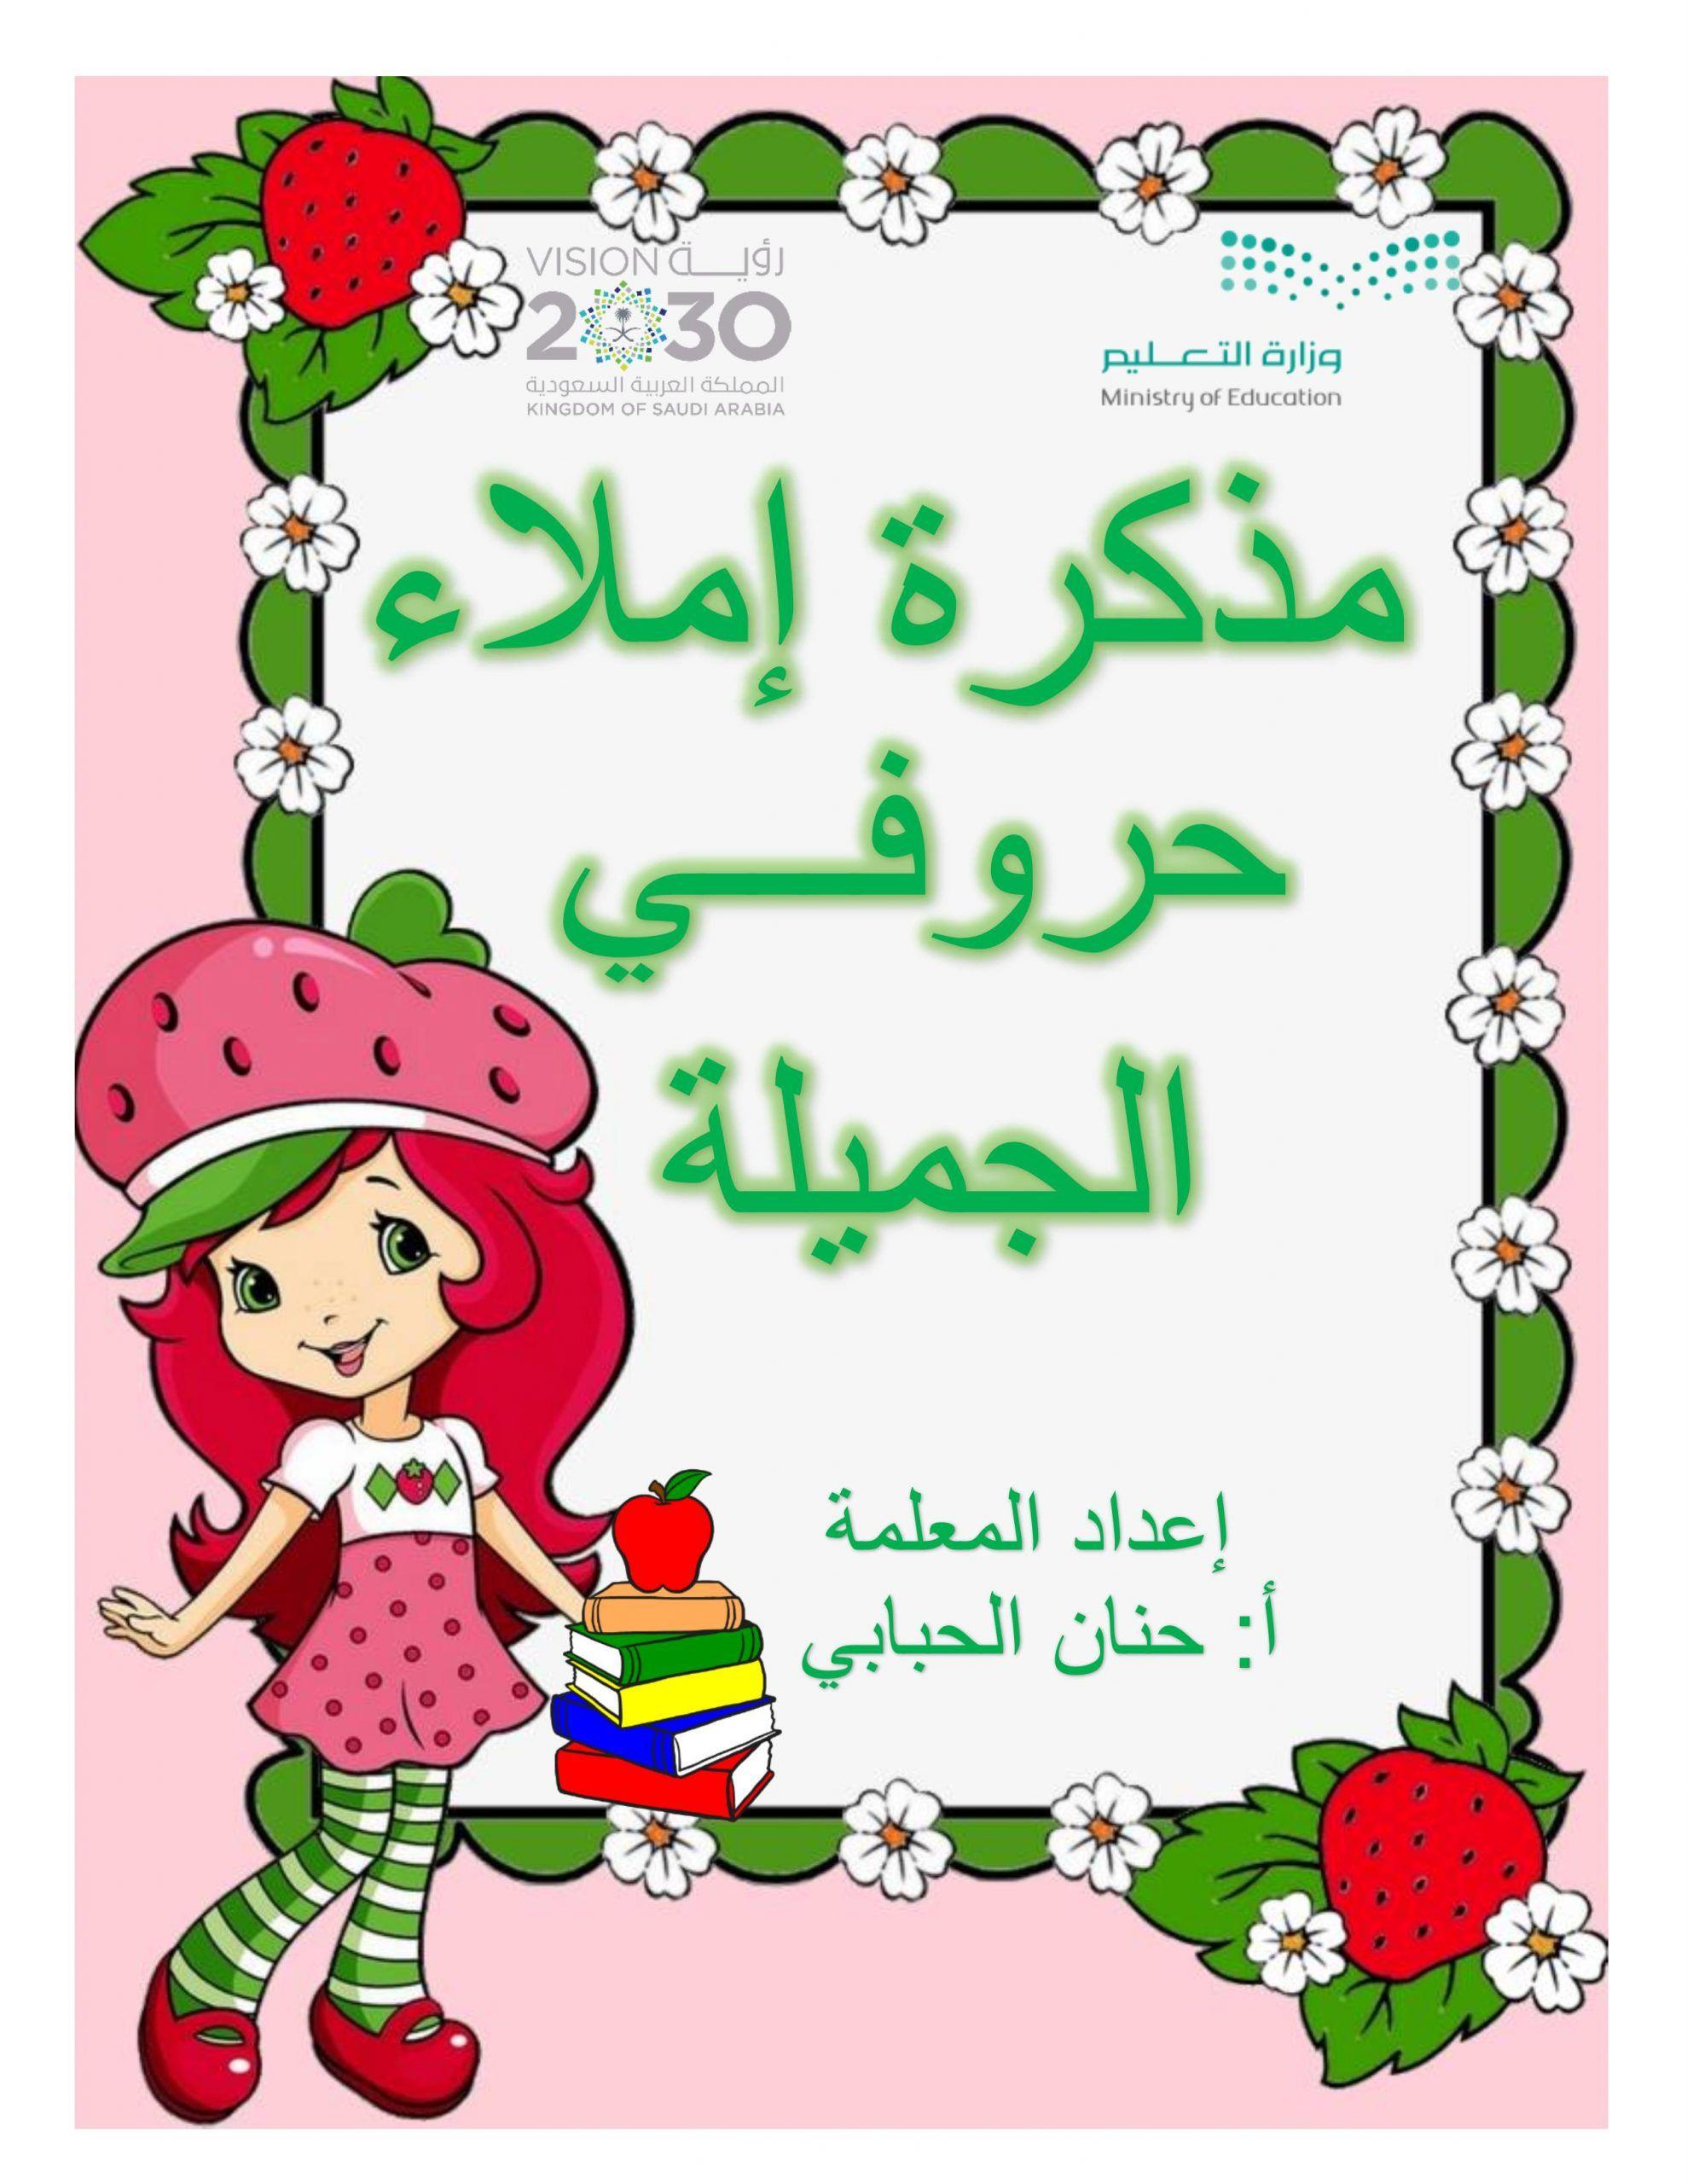 مذكرة املاء حروفي الجميلة ملونة للصف الاول مادة اللغة العربية Paper Crafts Crafts Ministry Of Education